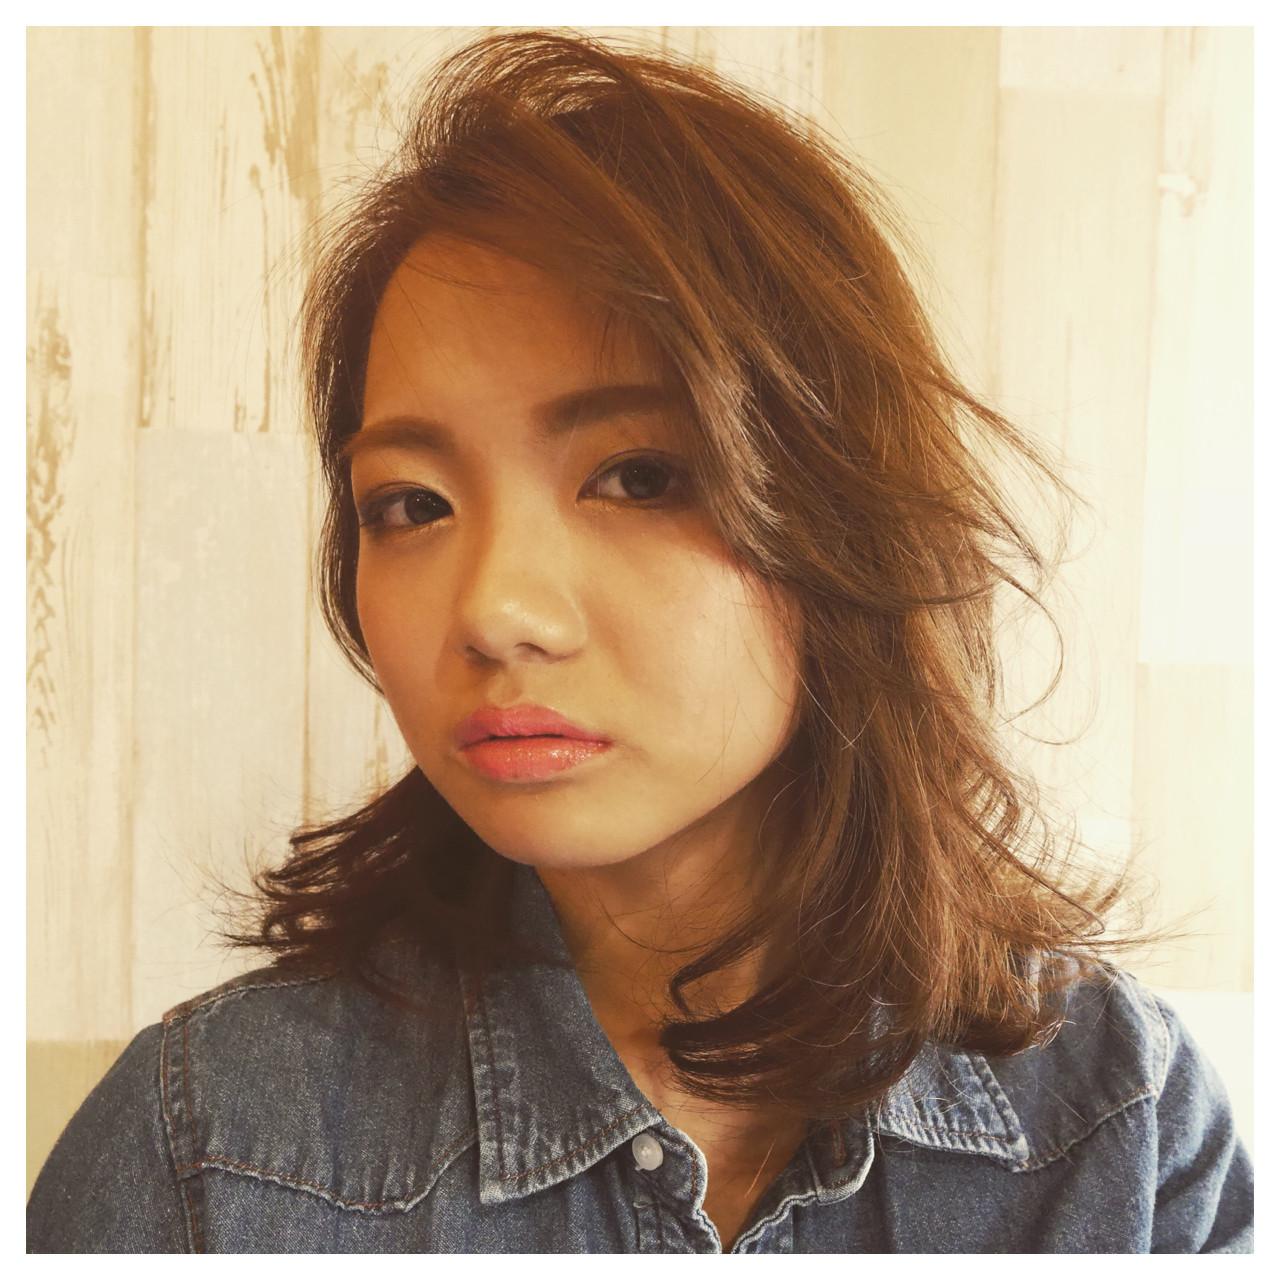 ミディアム かき上げ前髪 前髪あり 伸ばしかけ ヘアスタイルや髪型の写真・画像 | Mamiji / Y's home